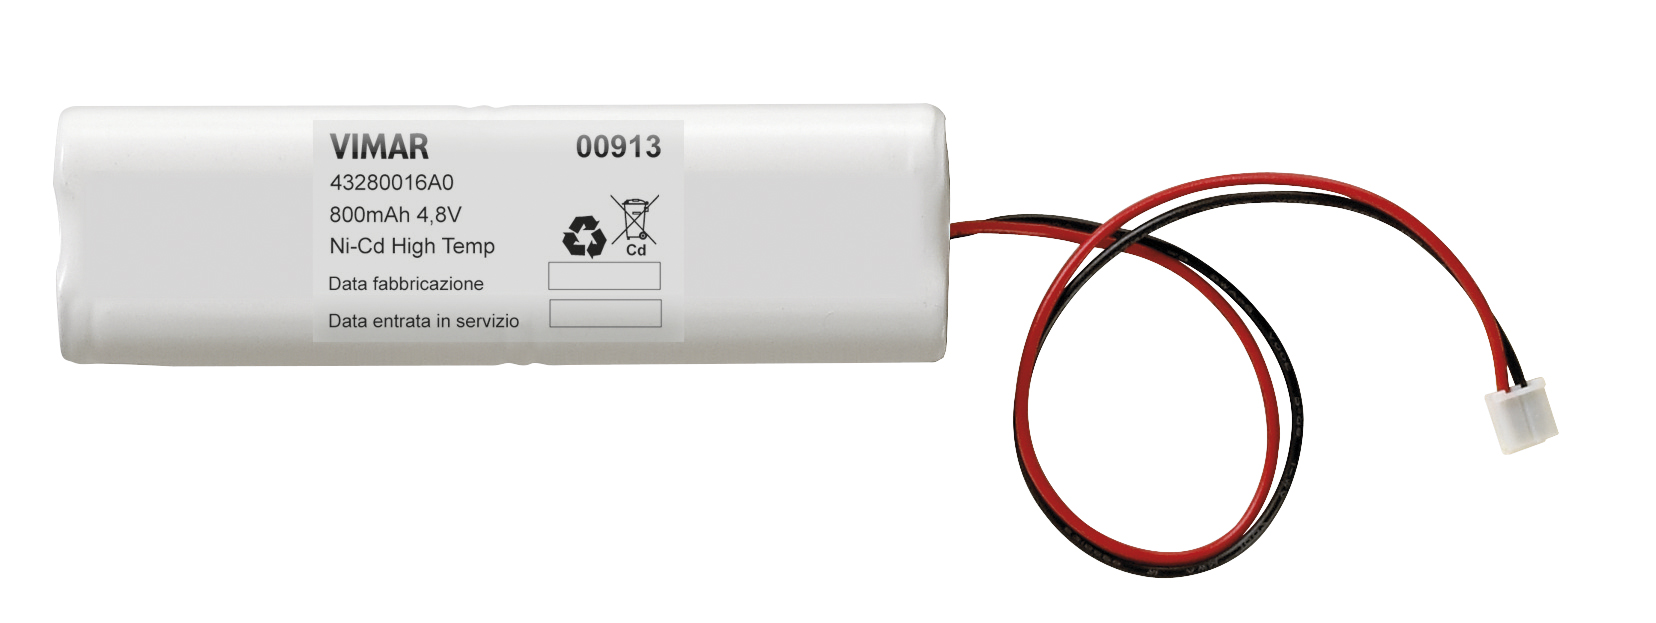 VIMAR 00910 Batteria ricaricabile Ni-MH 4,8V 80mah RICAMBIO torce elettroniche